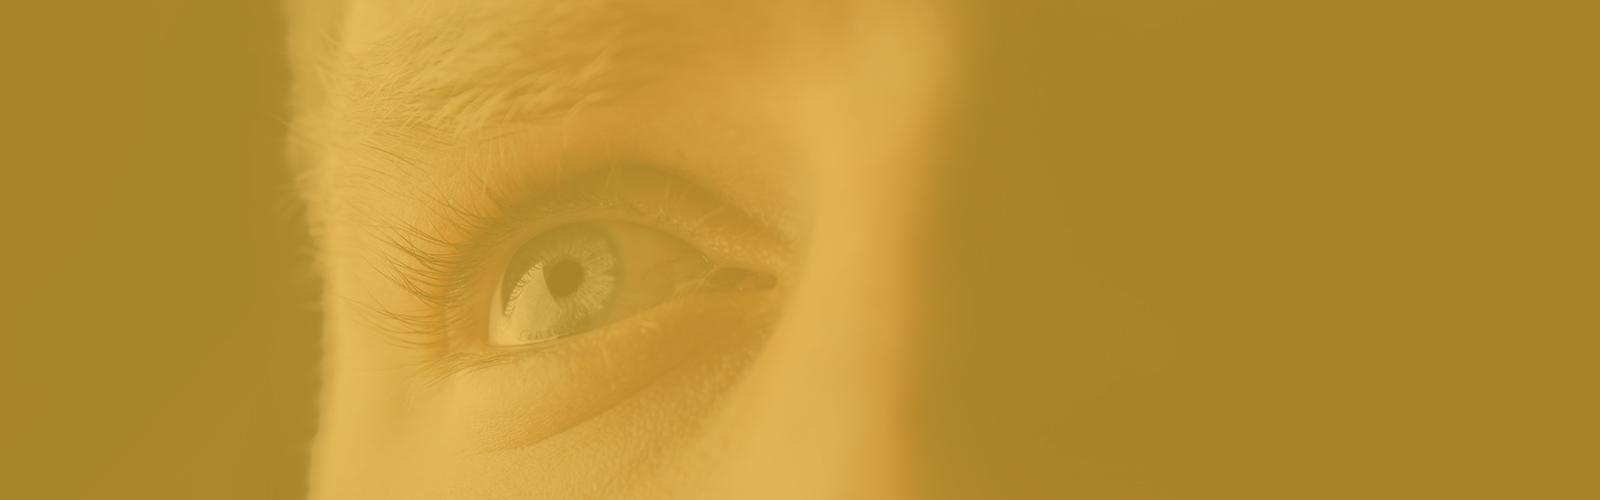 Ejercitar los músculos de los ojos